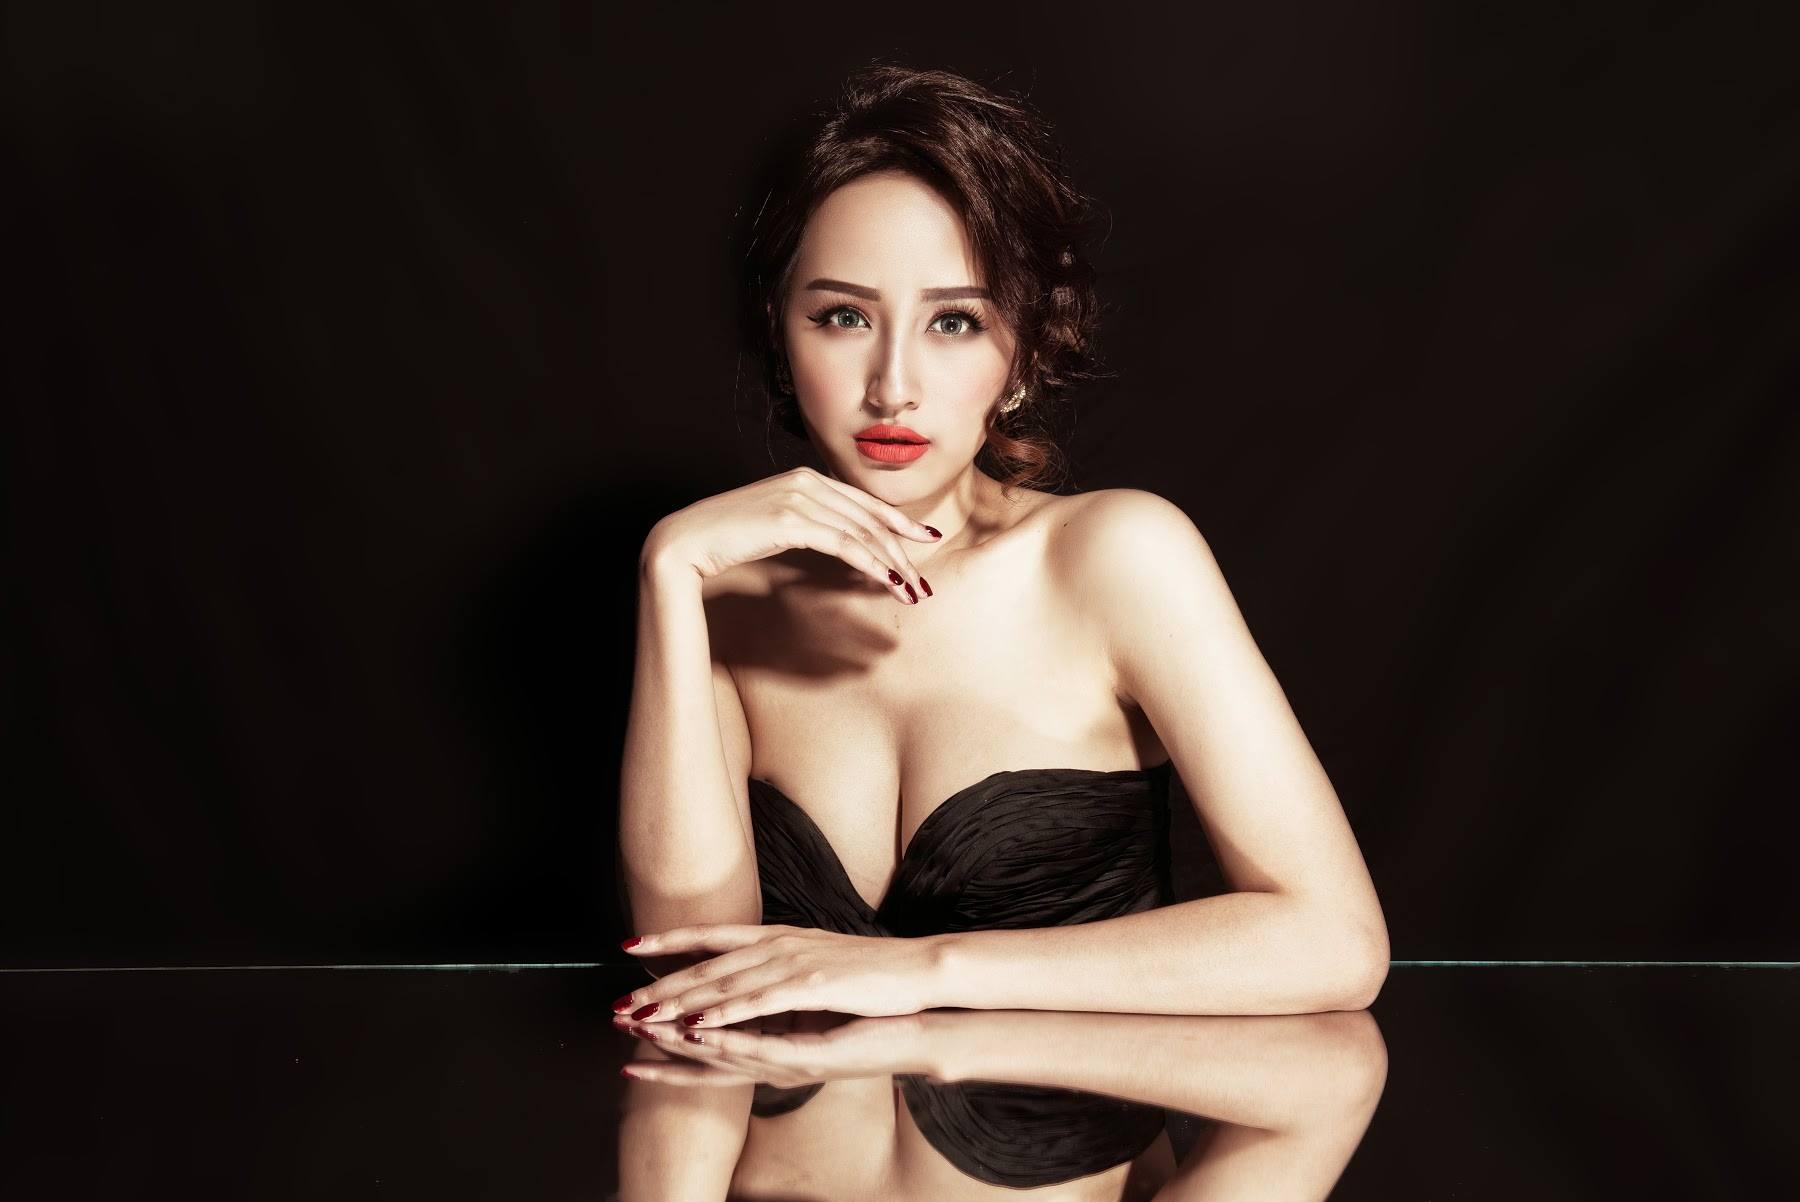 my nhan viet bien dang vi photoshop hong - 9